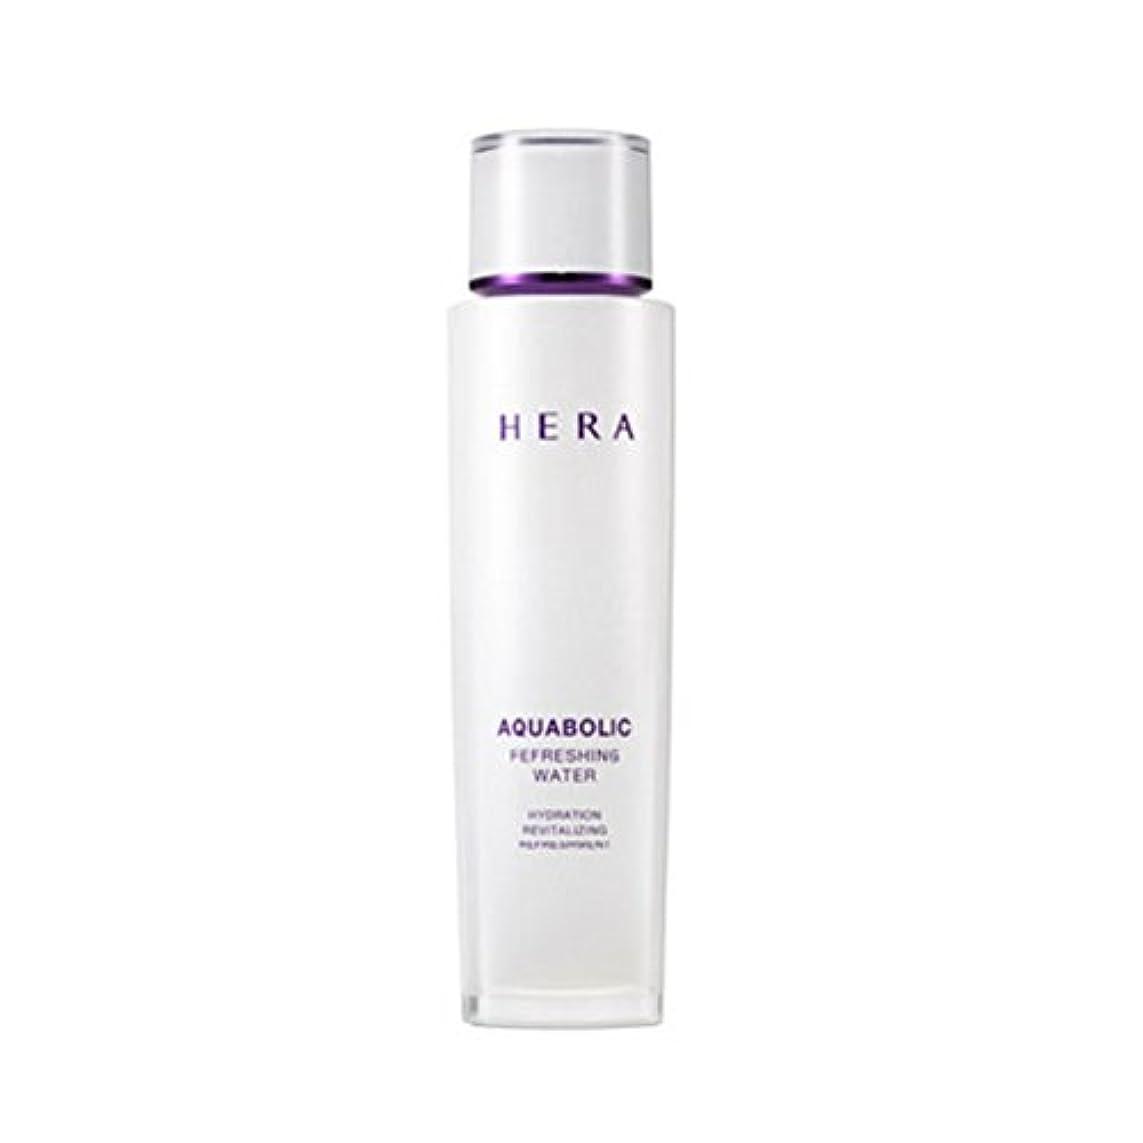 コンパイル一族船形(ヘラ) HERA アクアボリック リフレッシングウォーター (化粧水) 150ml / Aquabolic Refreshing Water 150ml (韓国直発送)